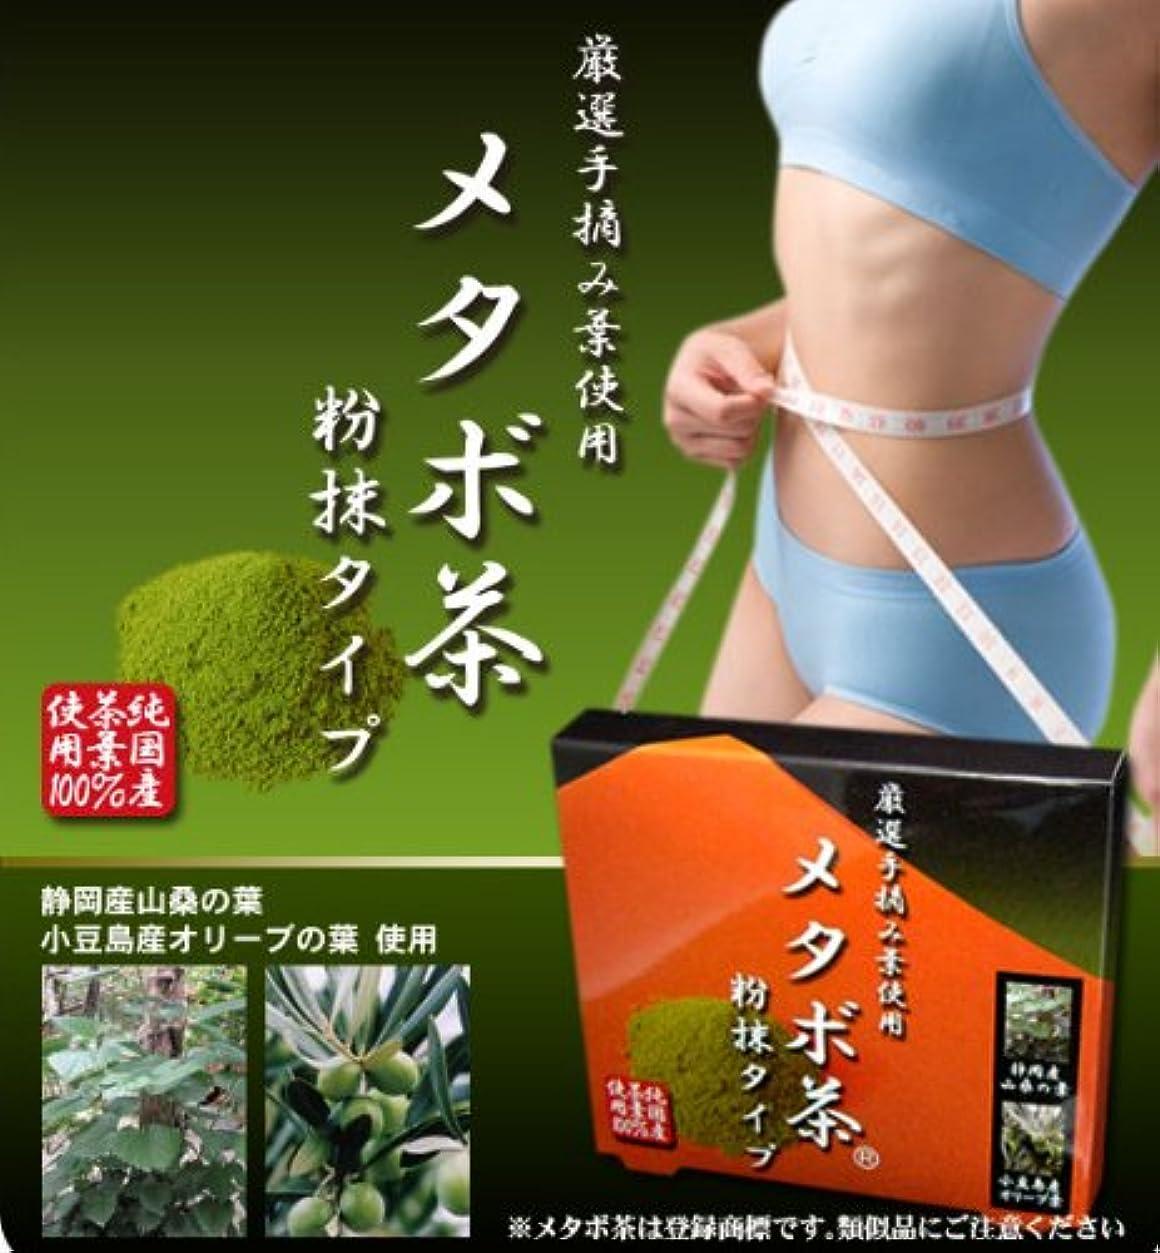 自動化パターンピルメタボ茶粉抹タイプ 2個セット(完全無農薬 純国産茶葉100%使用ダイエット茶)